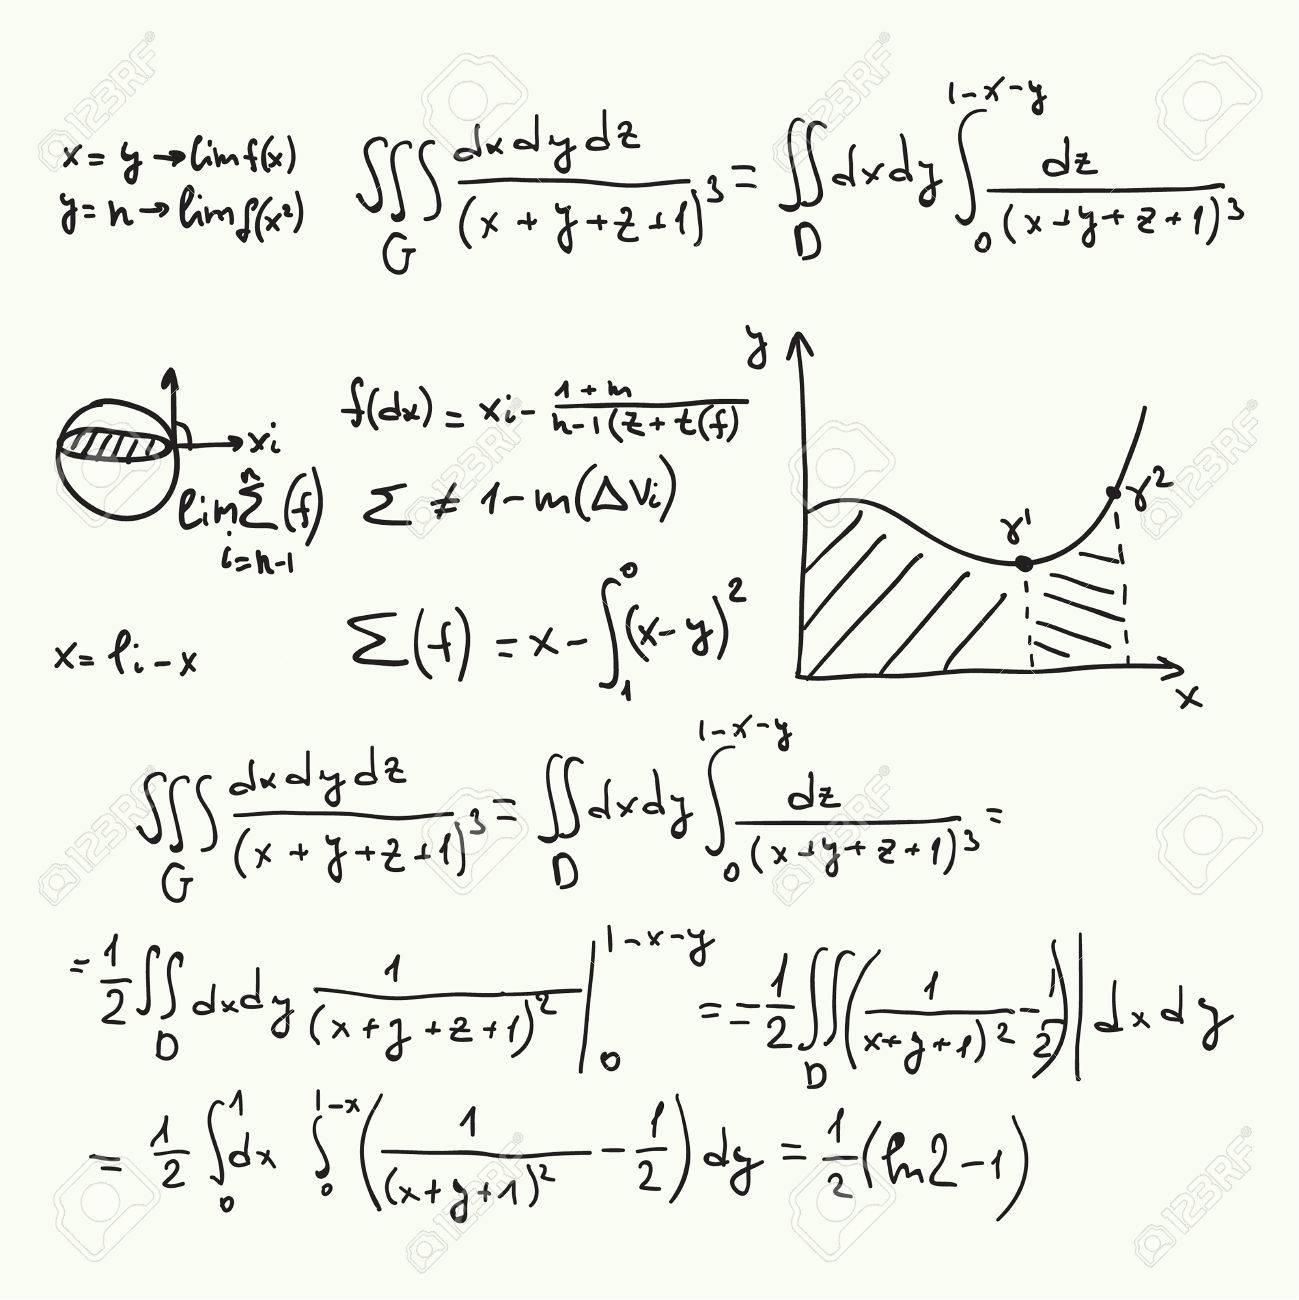 Vector Patrón Con Fórmulas Matemáticas, Cálculos, Gráficos, La ...